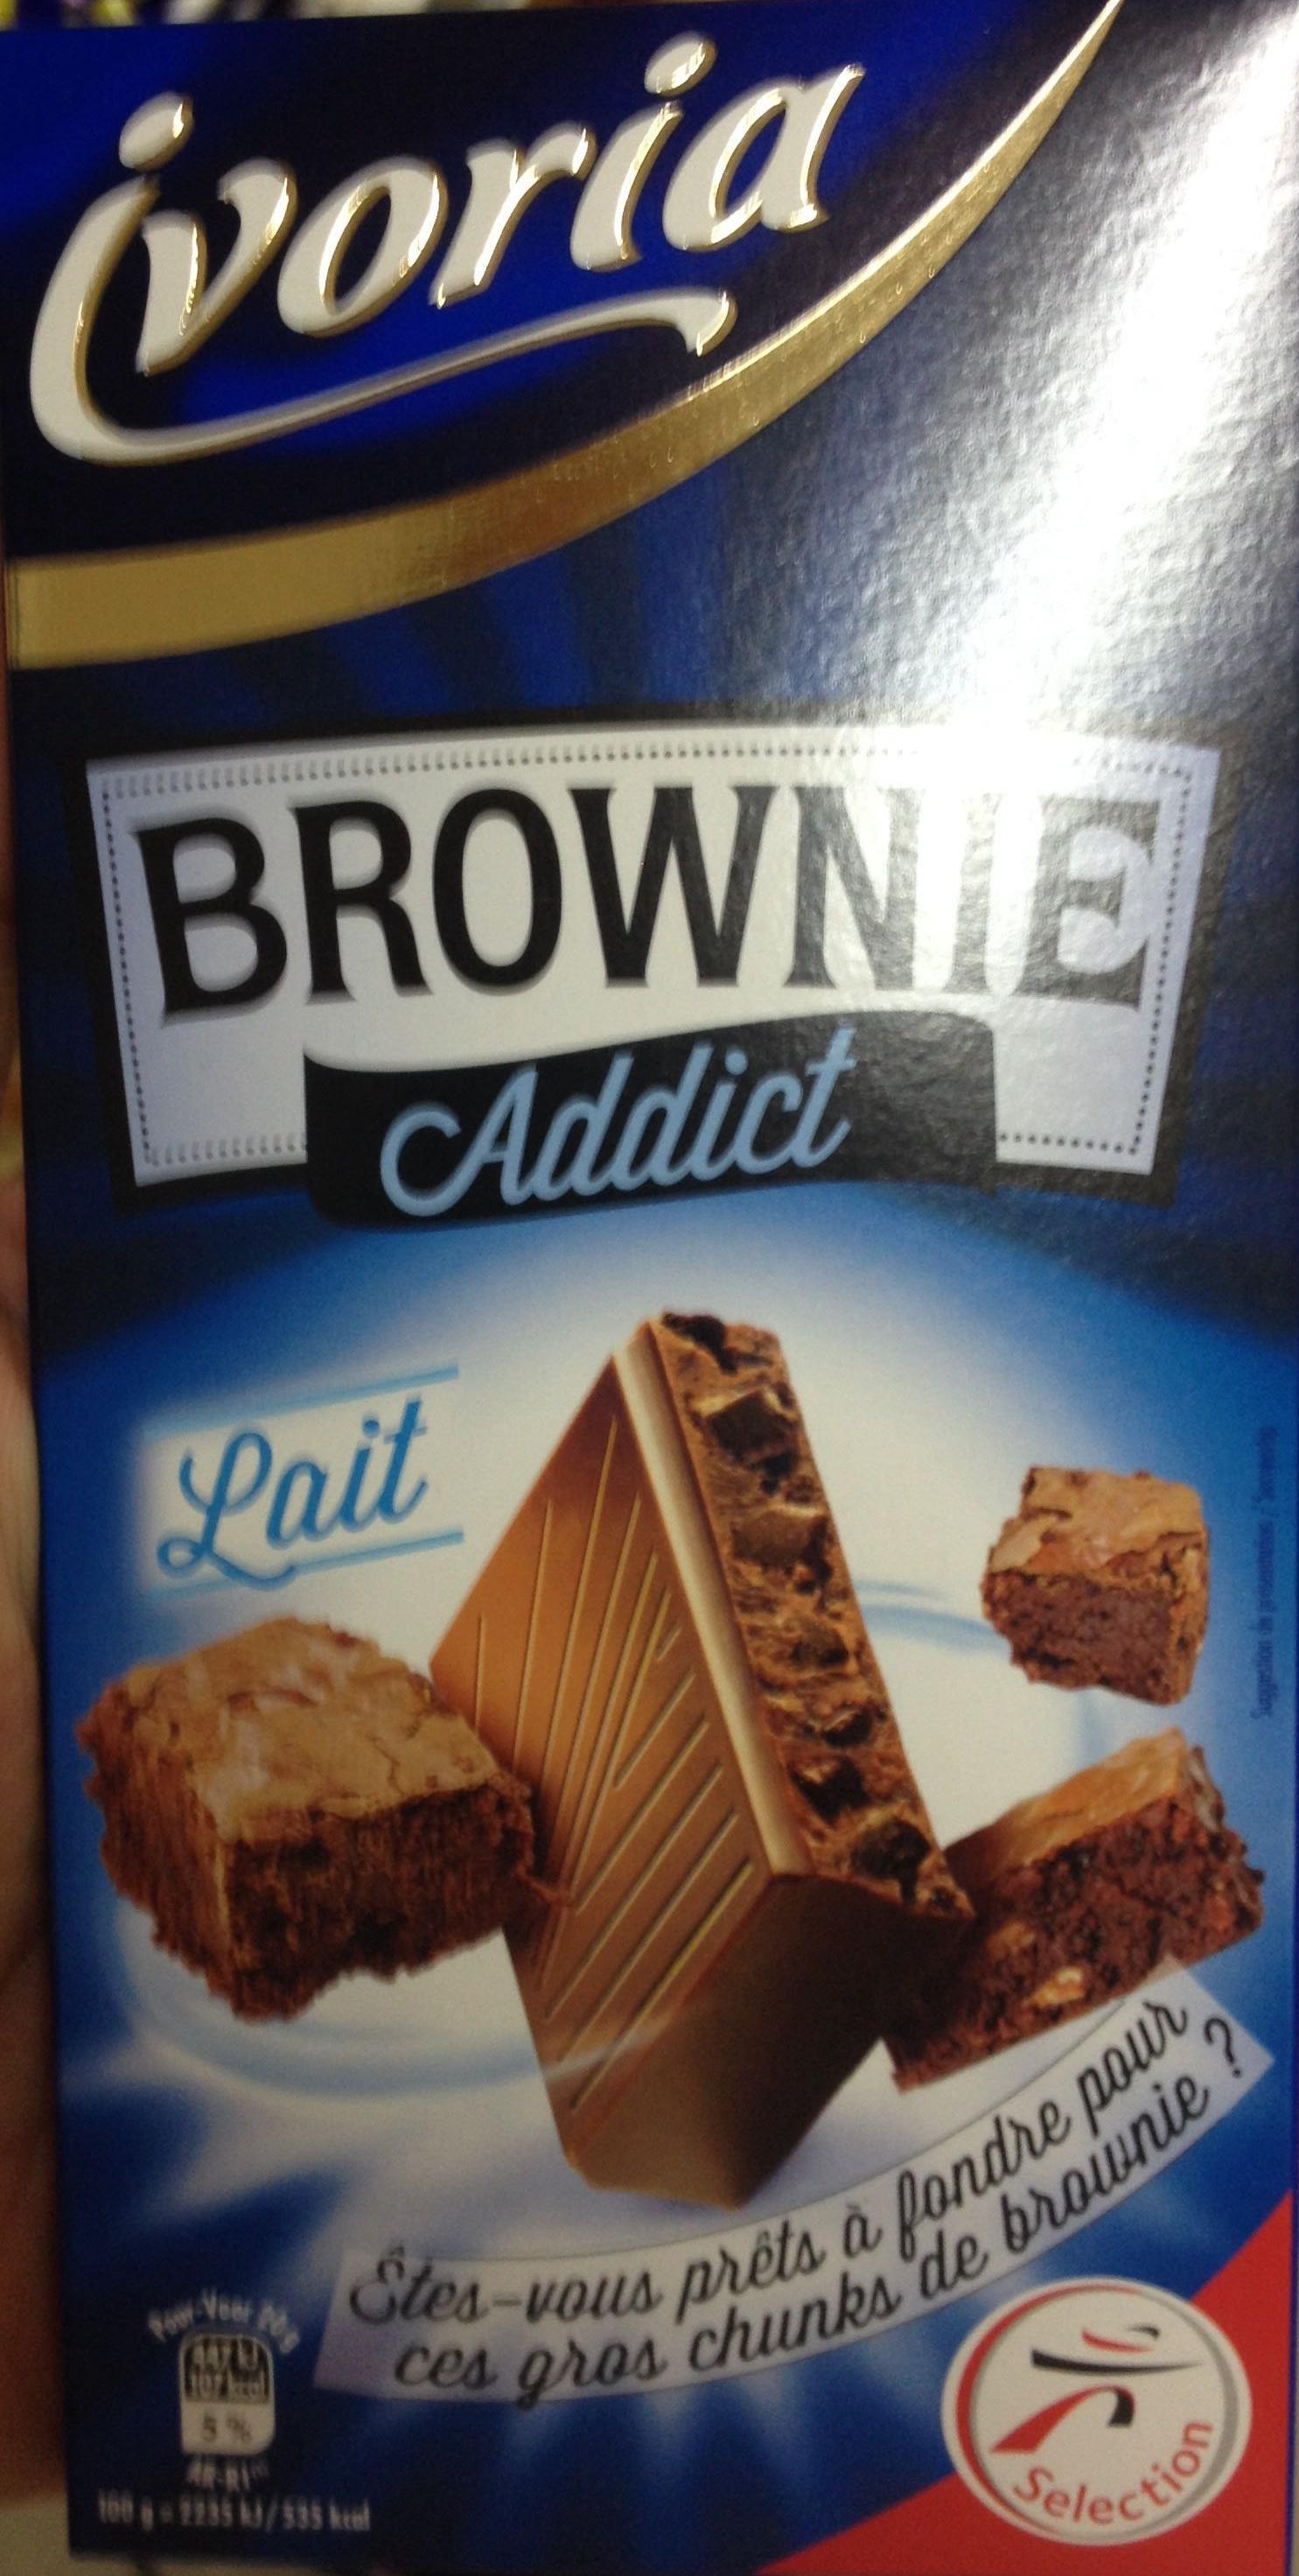 Brownie Addict Lait - Produit